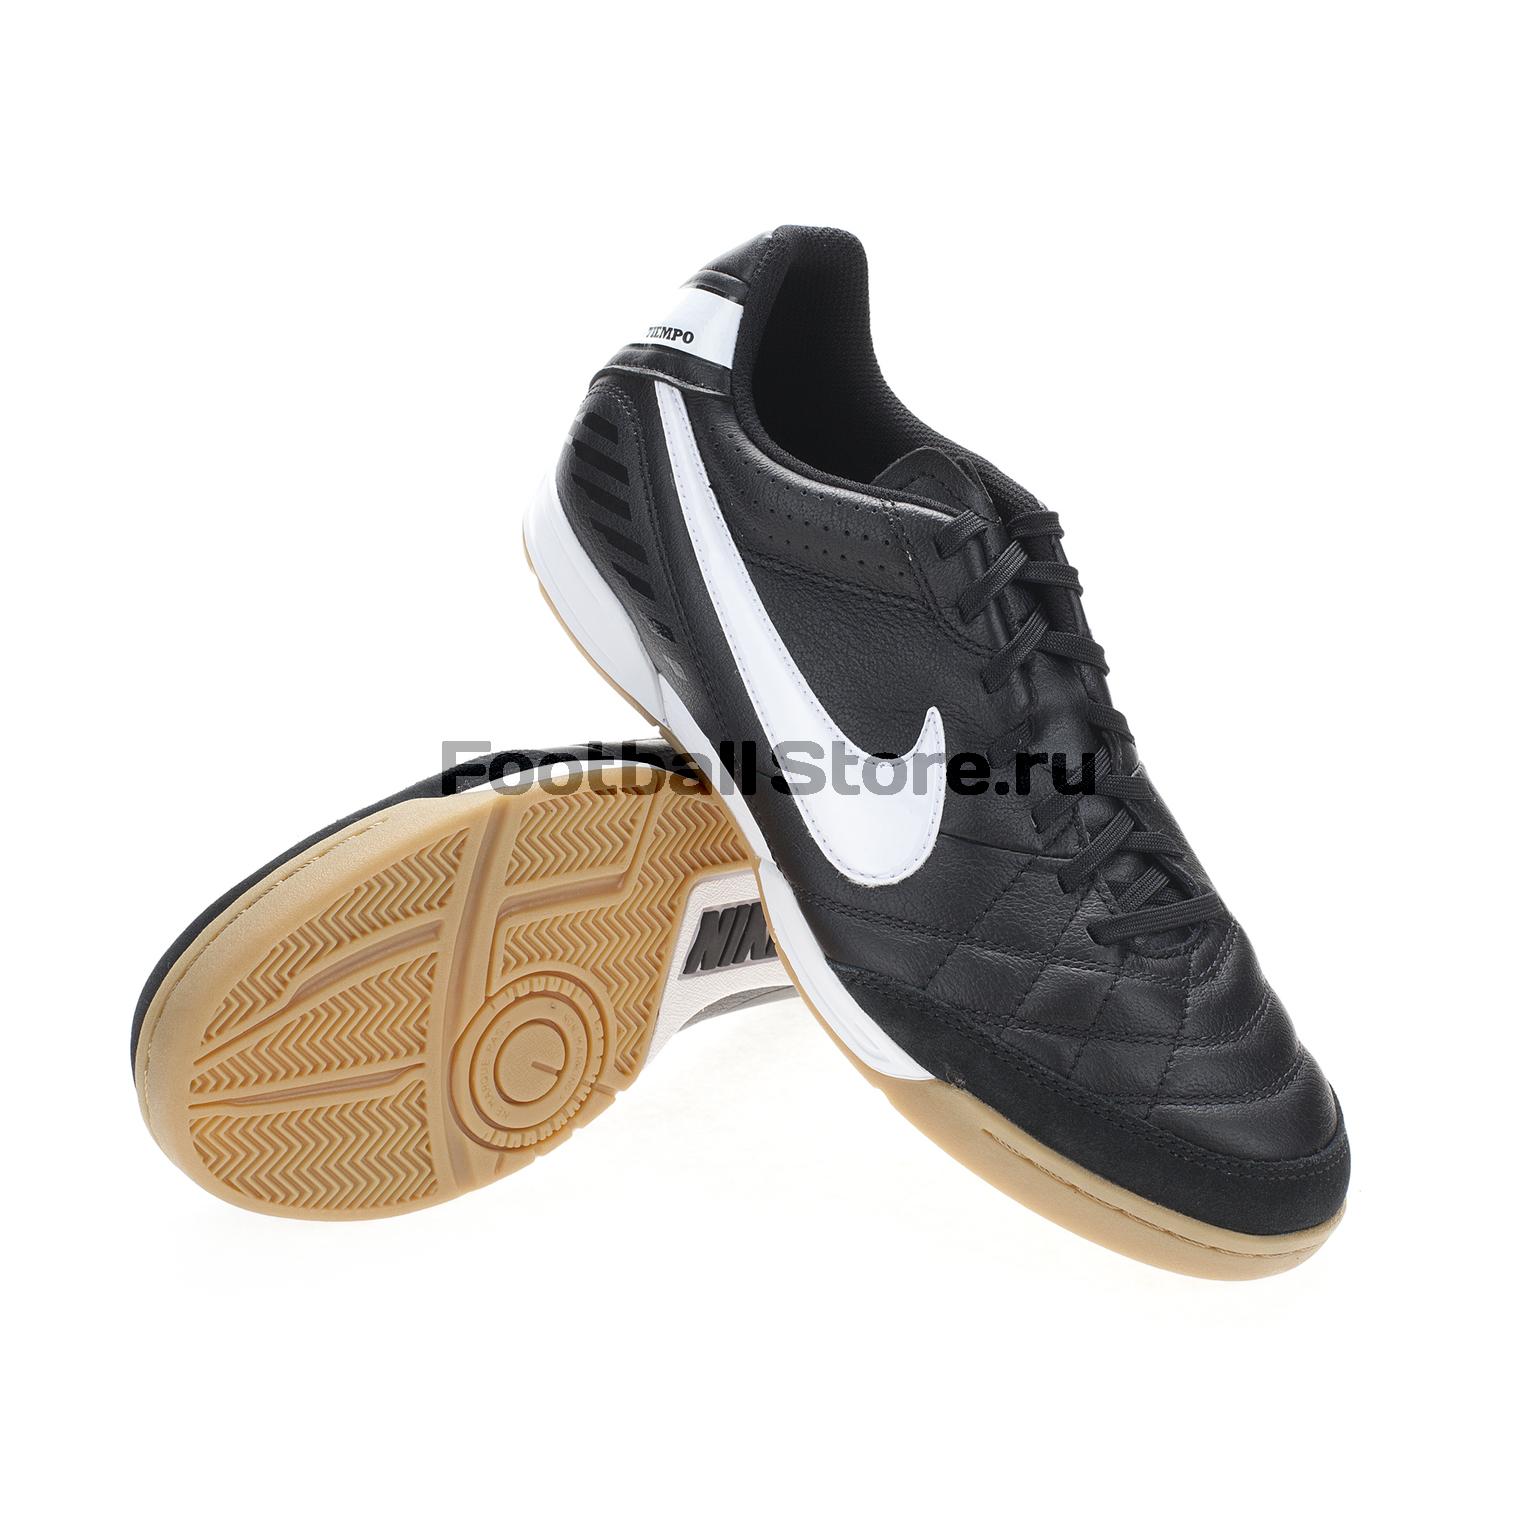 Обувь для зала Nike Обувь для зала Nike Tiempo Natural IV LTR IC 509090-012